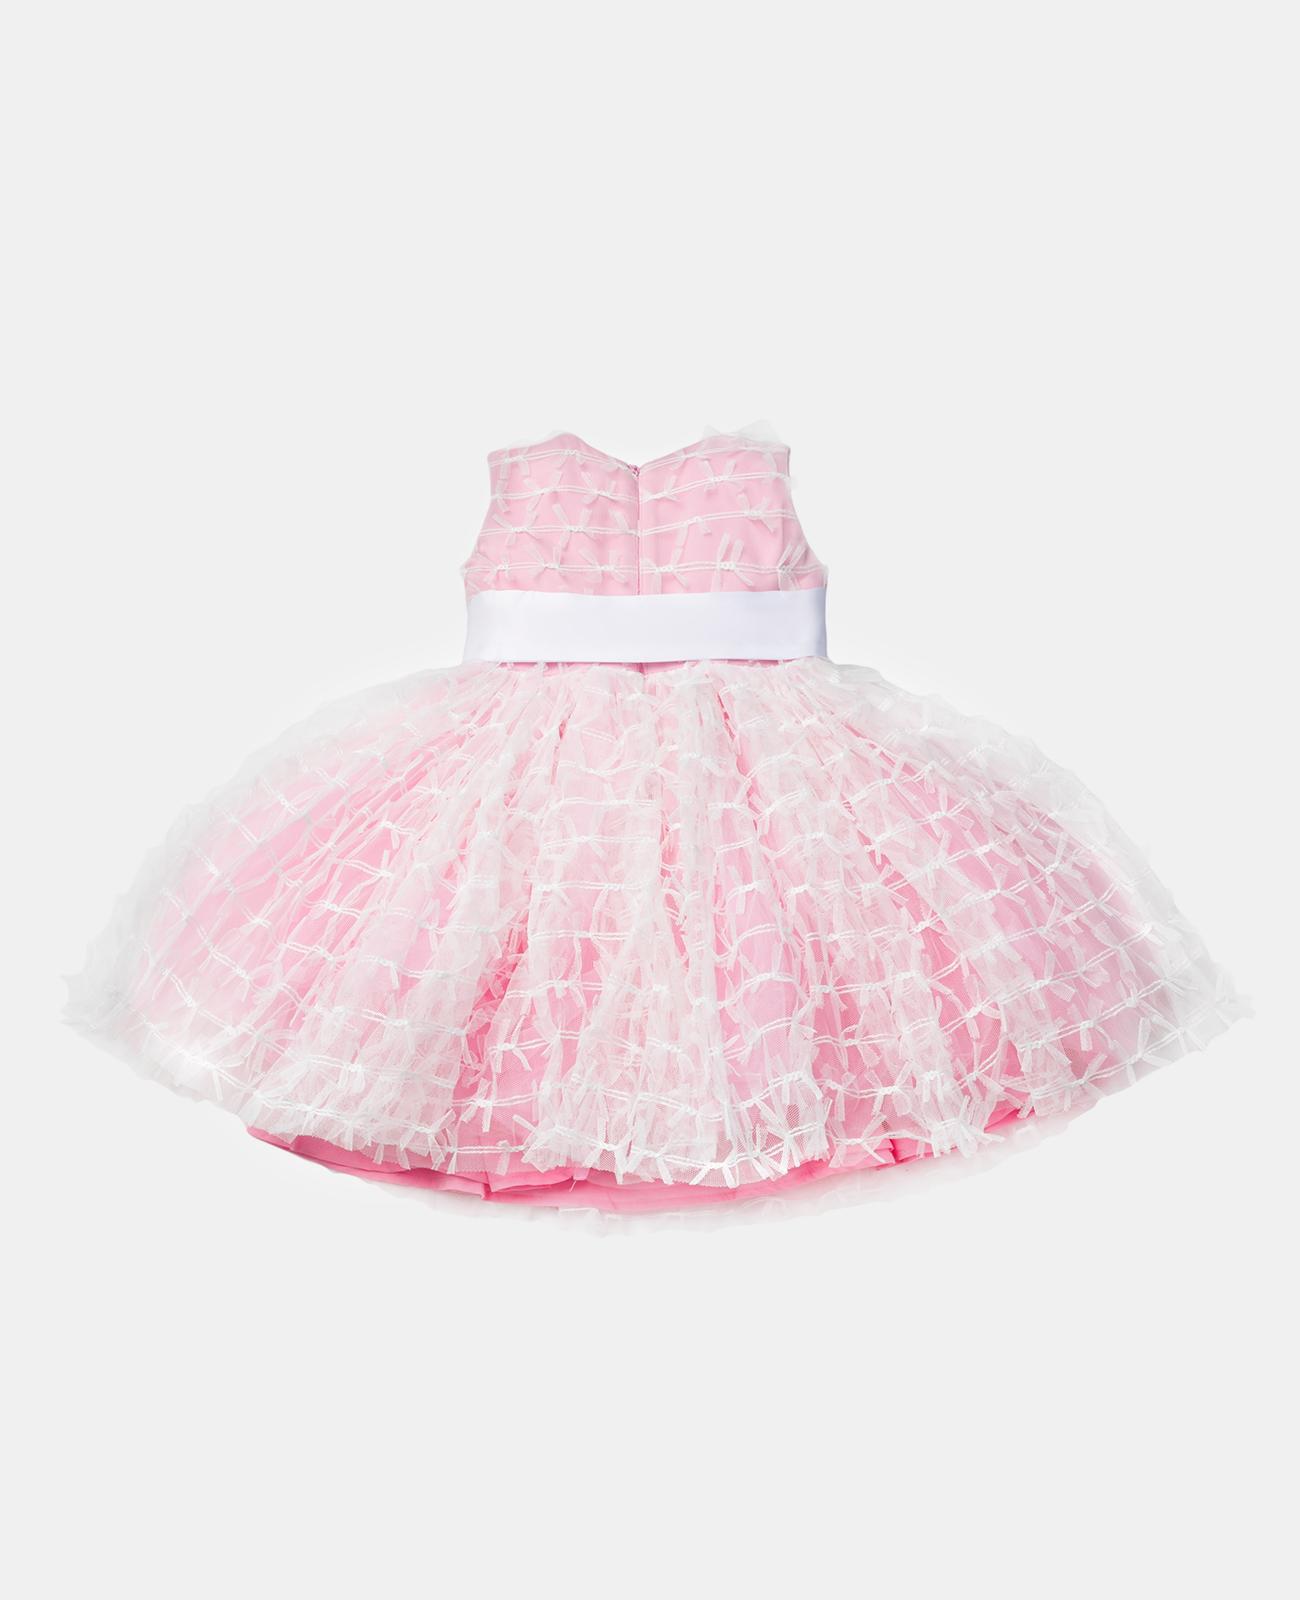 Купить 120GPGBC2501, Розовое нарядное платье Gulliver, Gulliver Baby, розовый, 86, Женский, ВЕСНА/ЛЕТО 2020 (shop: GulliverMarket Gulliver Market)